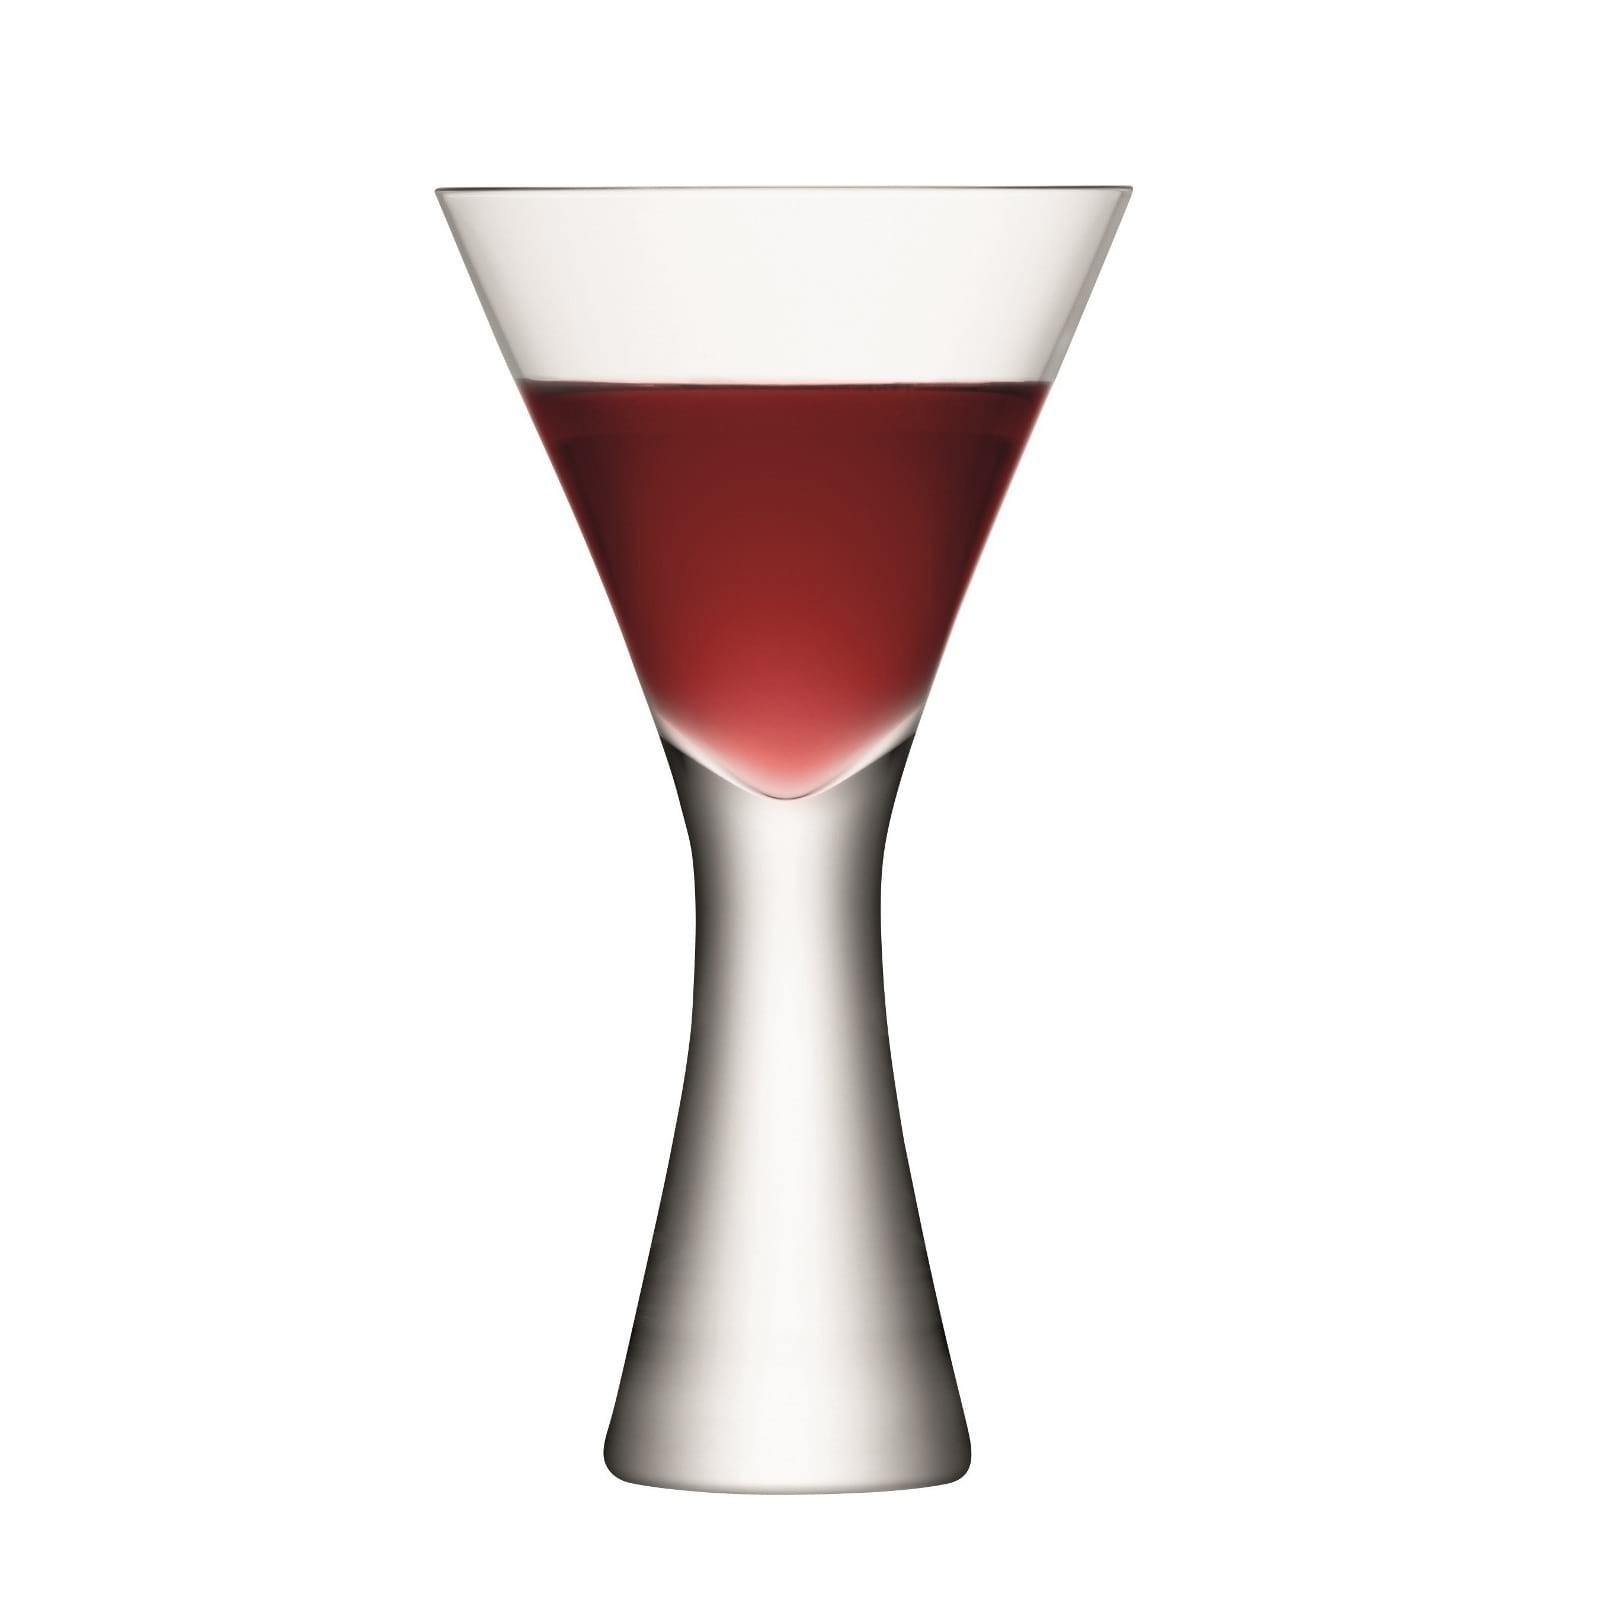 Ποτήρια Κρασιού Moya 395 ml (Σετ των 2) - LSA